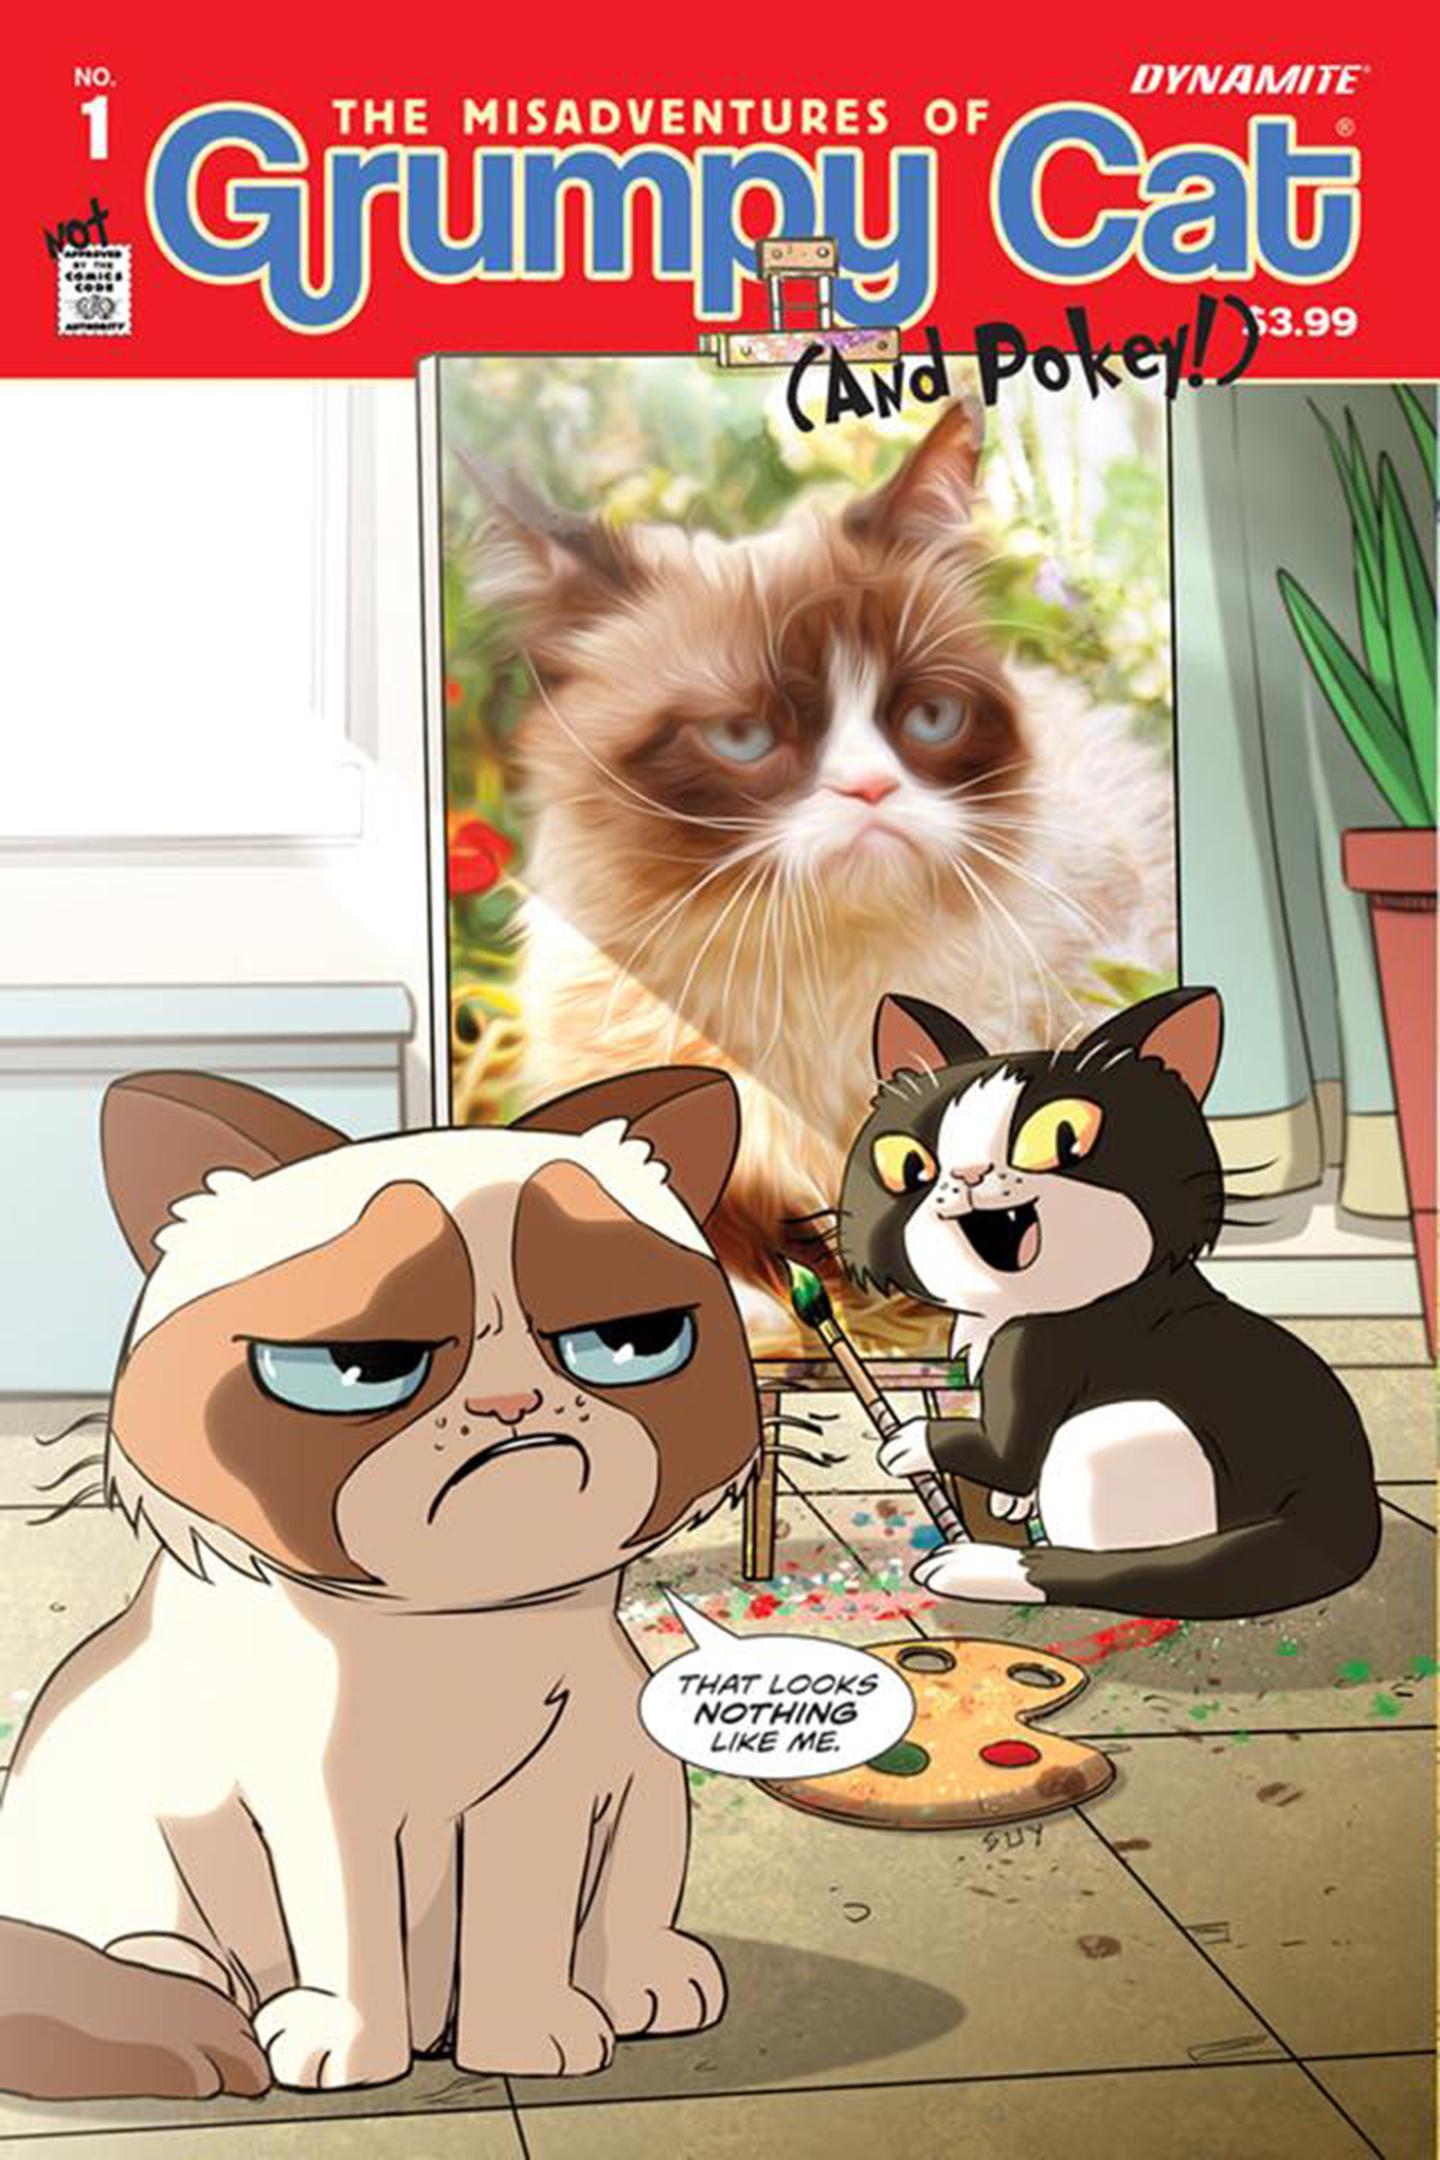 misadventures-of-pokey-grumpuccino-grumpy-cat-gatto-più-ricco-del-mondo-ferplast